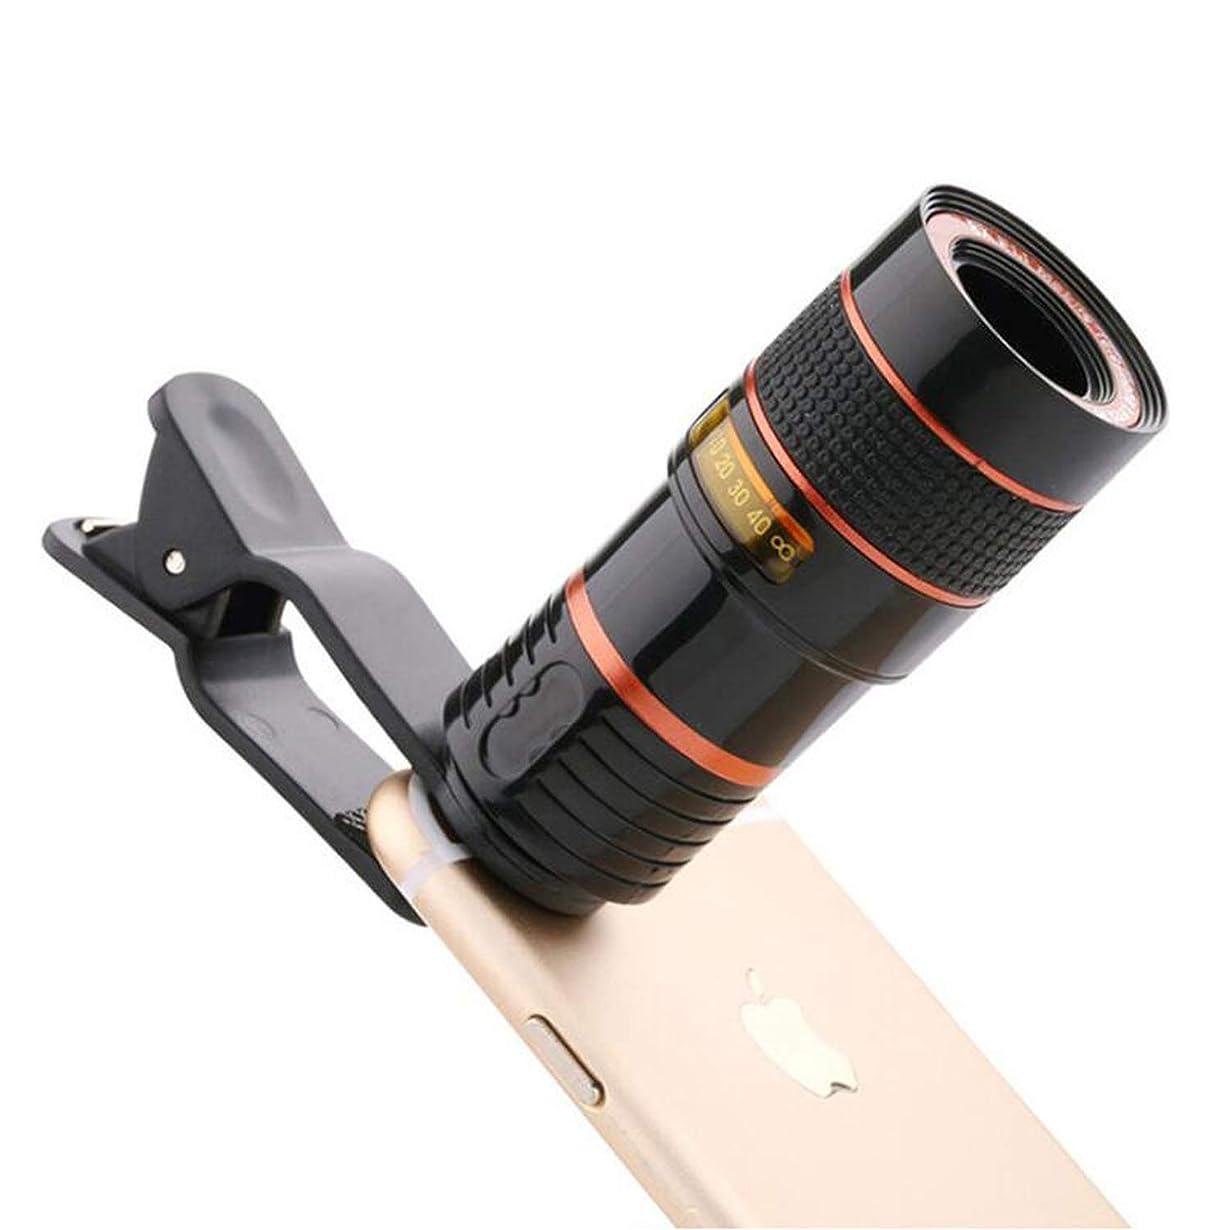 回復するアイドル献身DOSOMI 8x18 モバイル望遠鏡 HDカメラ 外部望遠電話レンズ ミニポータブル単眼鏡 CL176